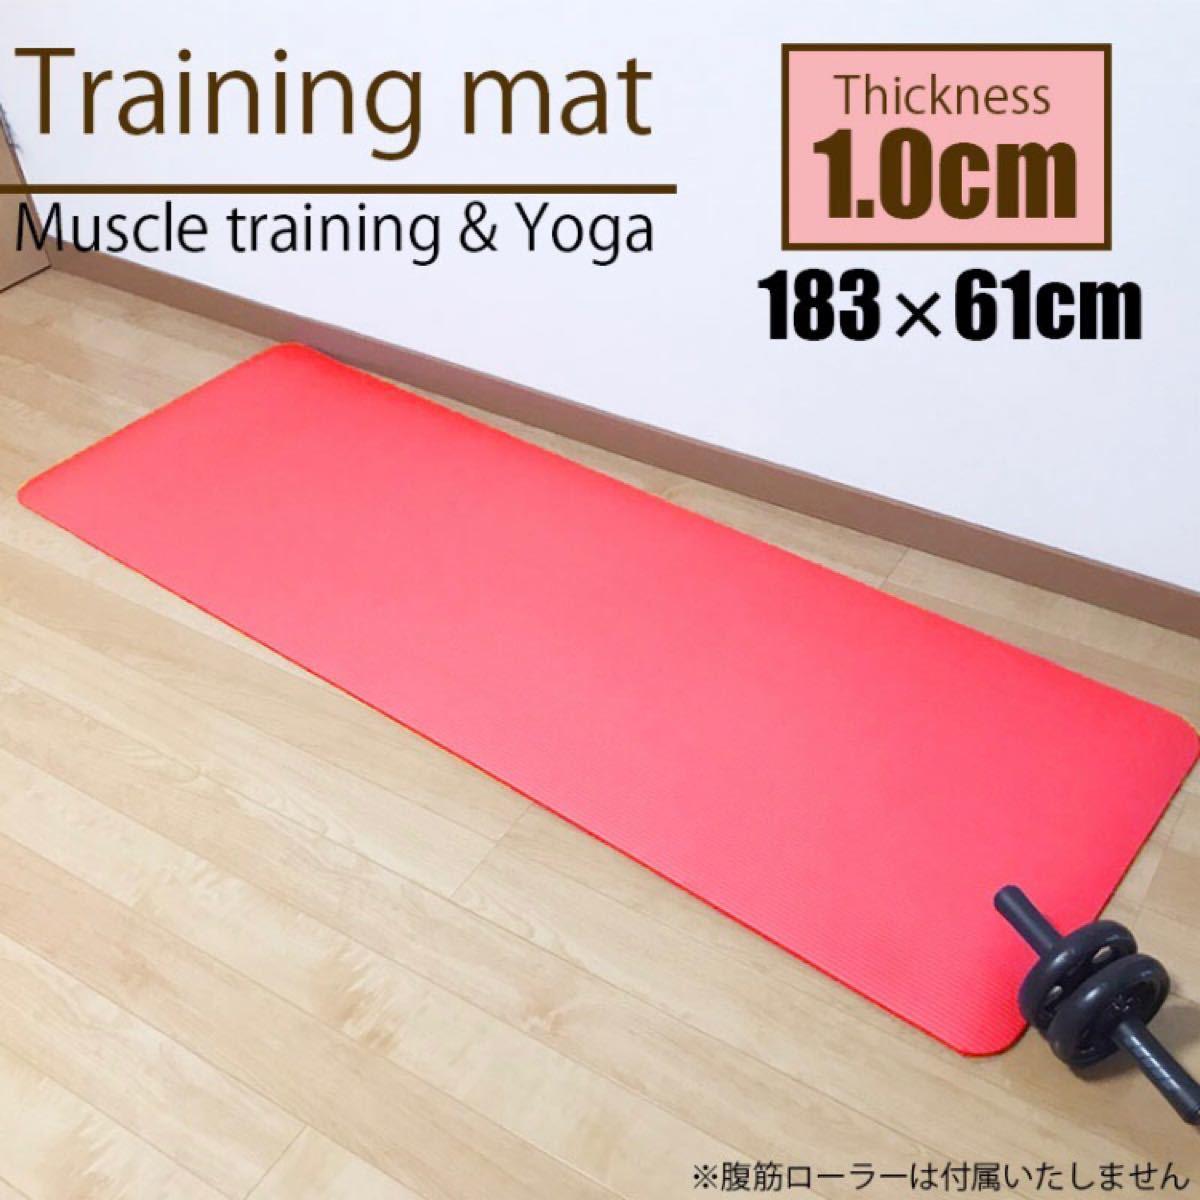 ヨガマット トレーニングマット 厚さ1.0cm 柔らか素材 183X61cm 赤